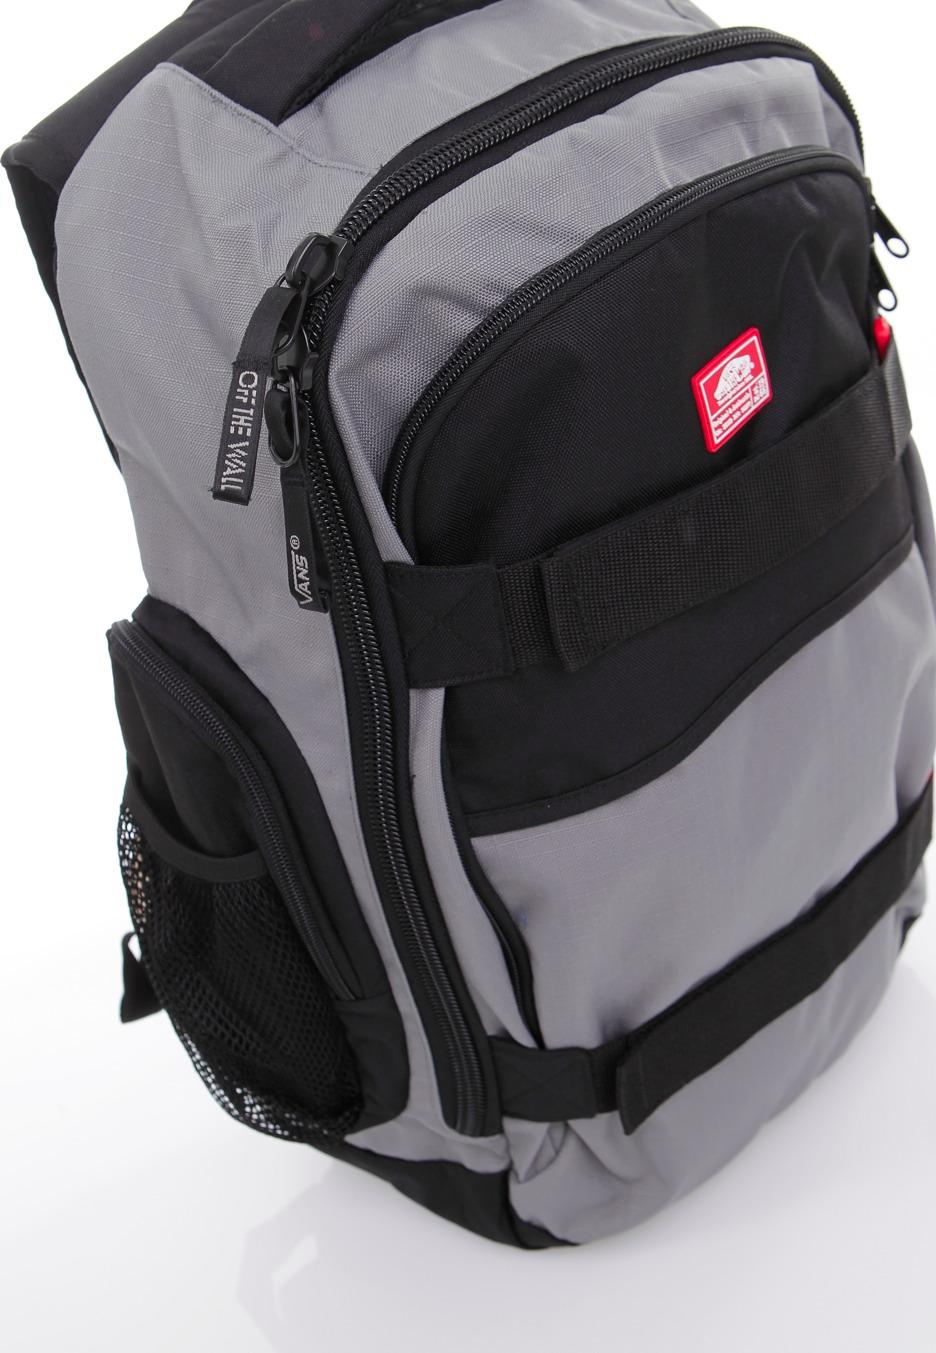 d328c39b6de6fb Vans - Transient Skatepack Cement - Backpack - Impericon.com AU